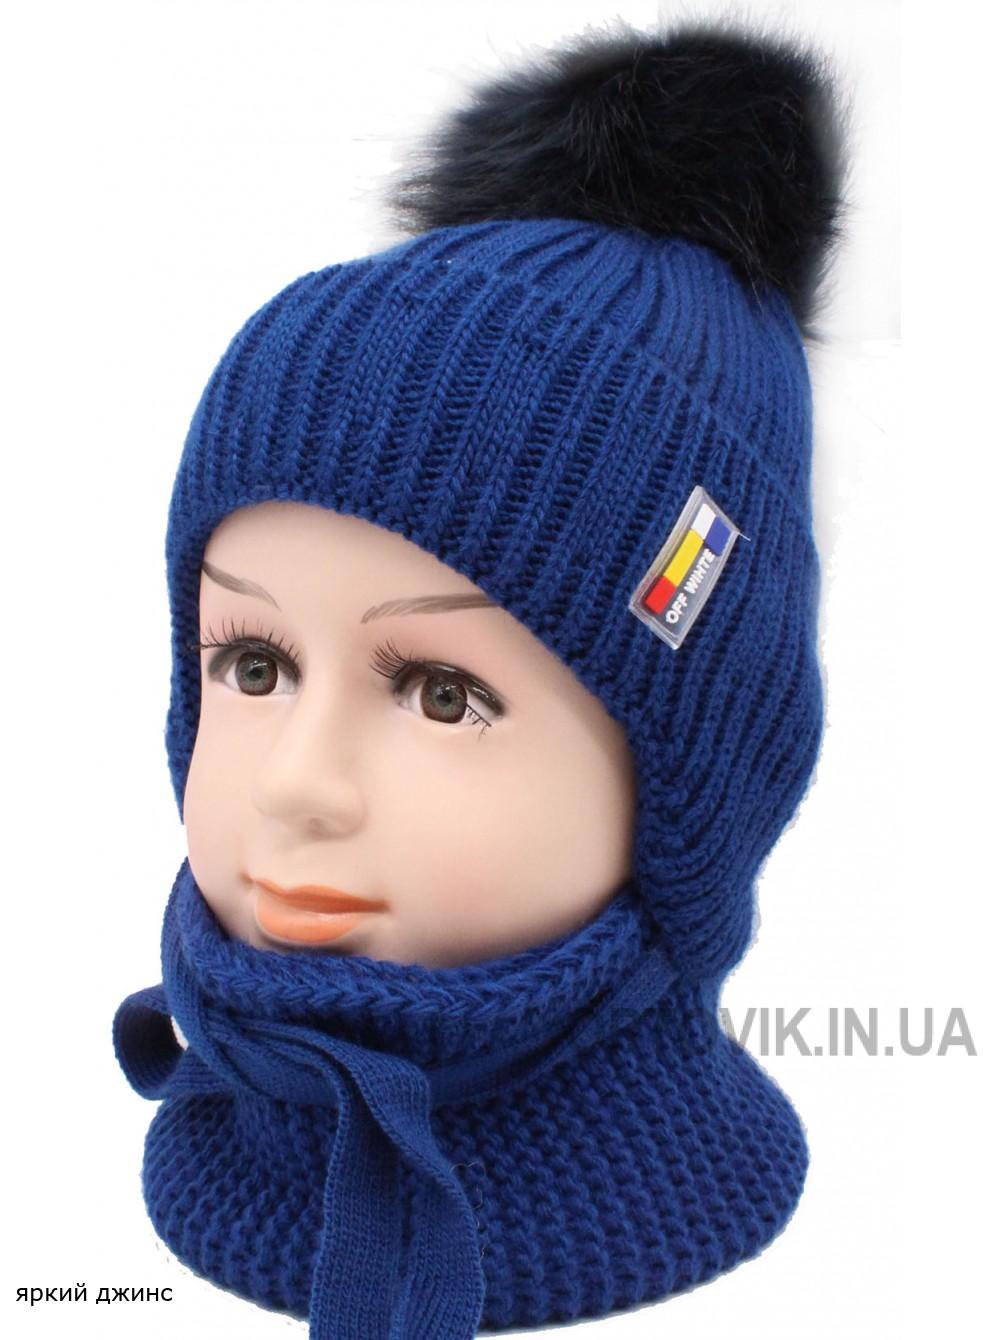 Детская вязаная шапка SV-42K Ларри 375-46-48